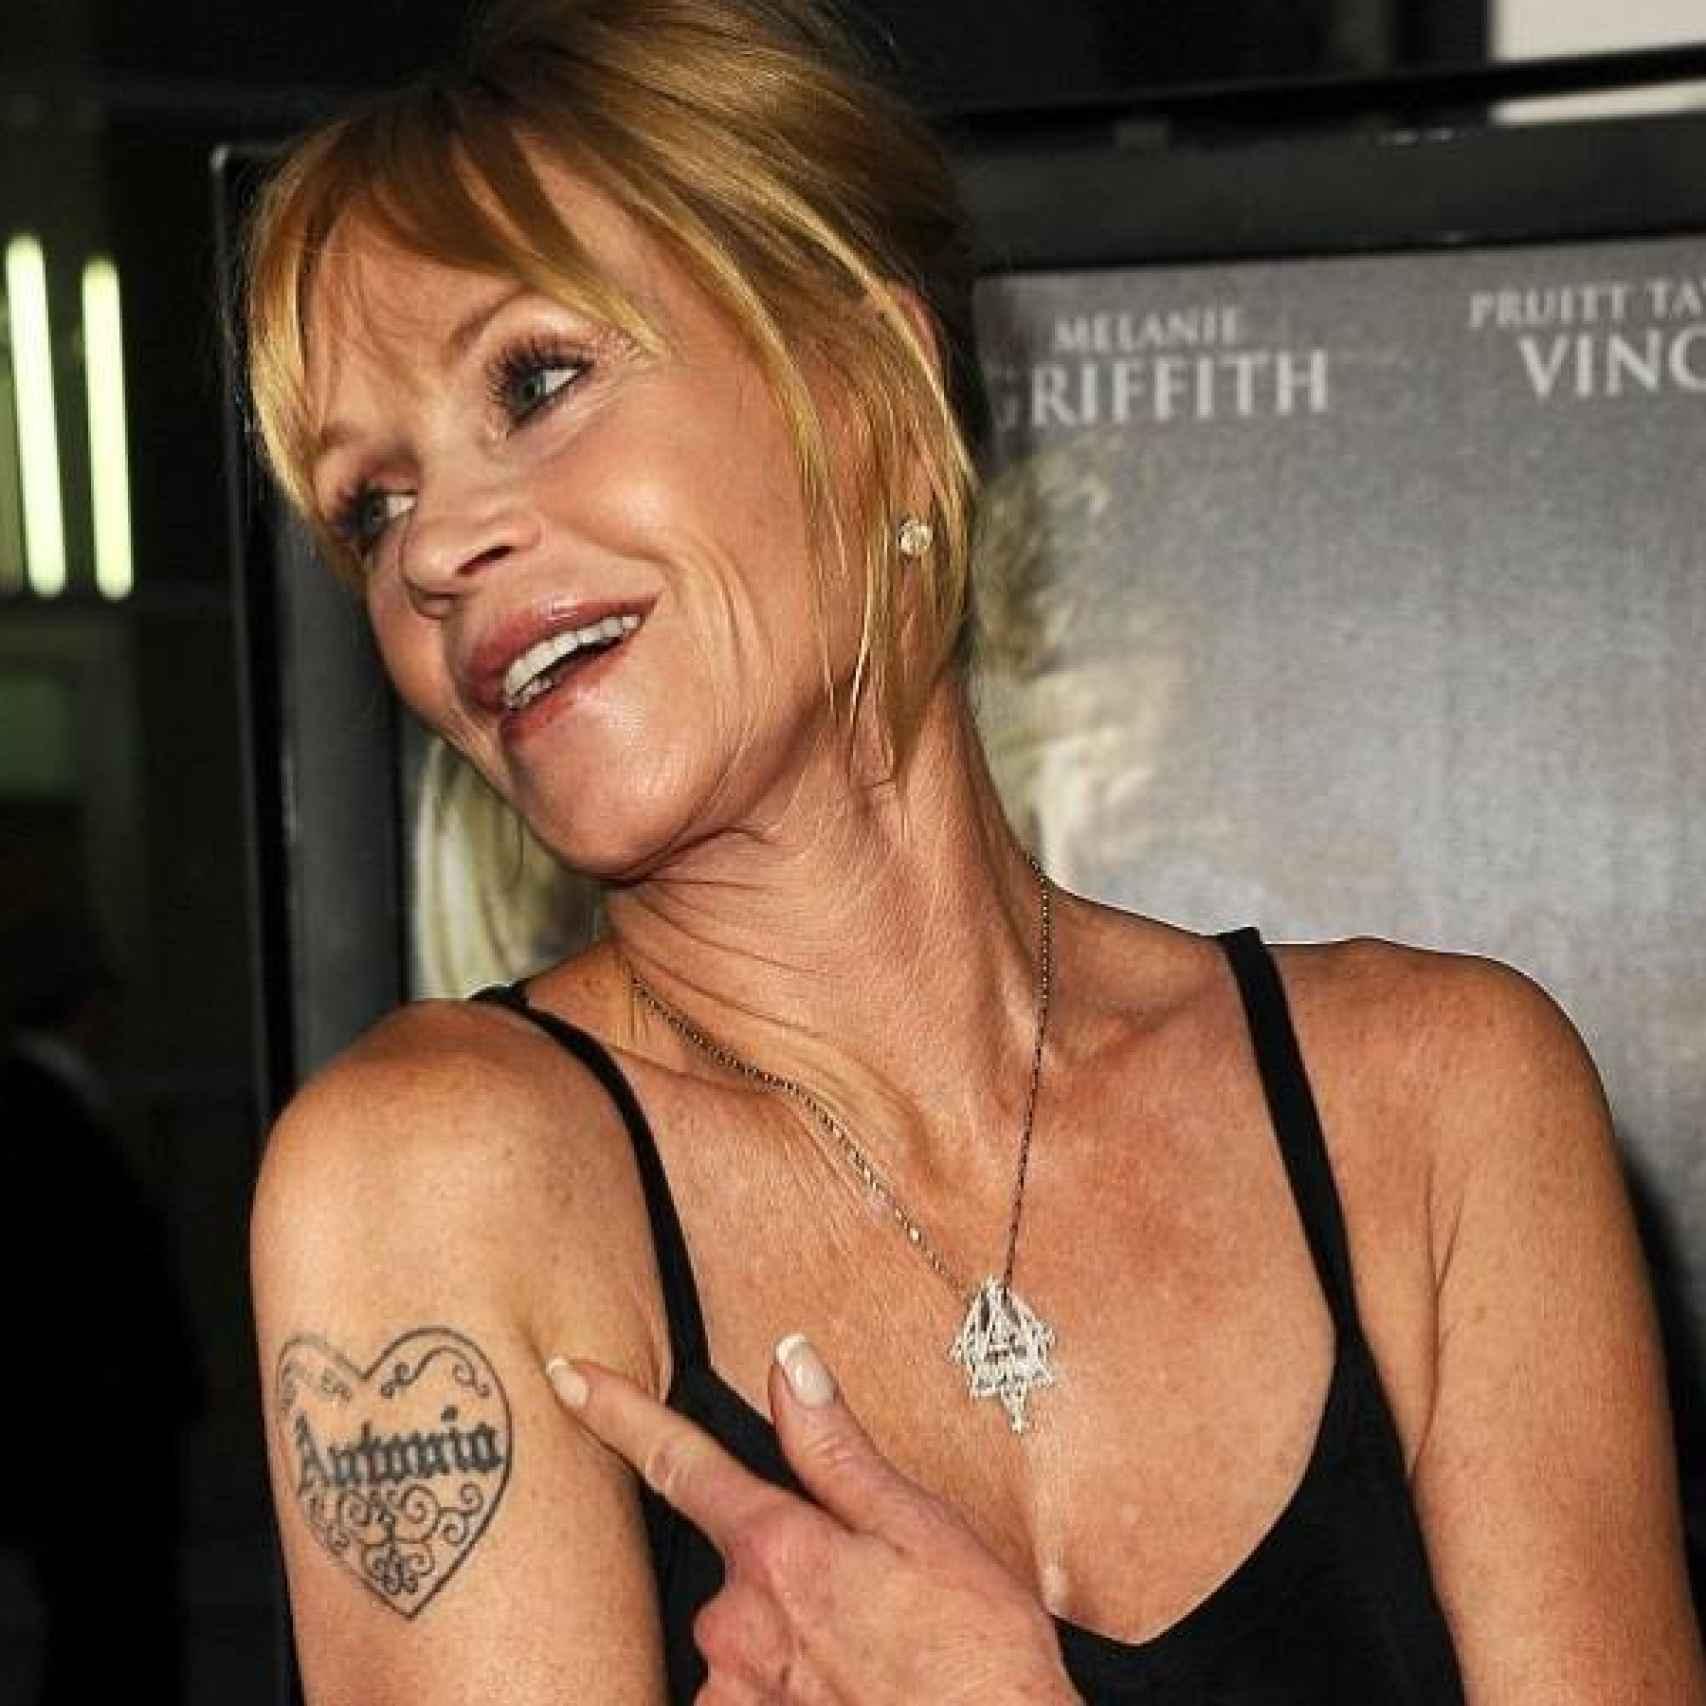 Melanie Griffith mostrando su tatuaje de Antonio Banderas